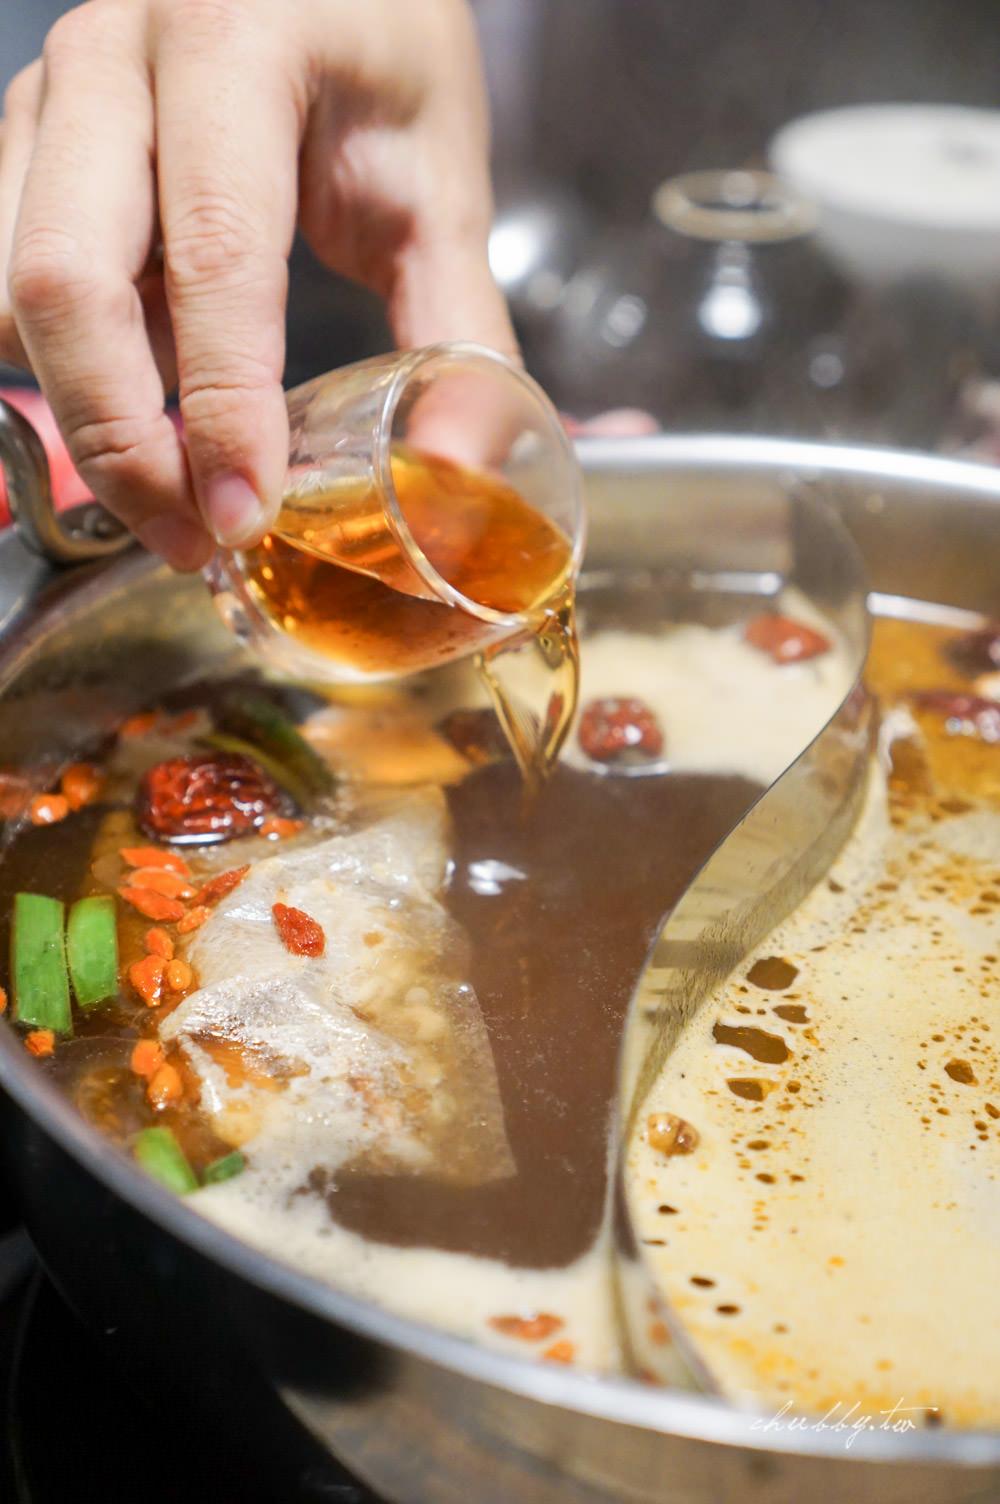 台北松山民生社區│鍋物│饗樂shabu精緻鍋品│自然牛和花雕雞好嫩好嫩好嫩嫩